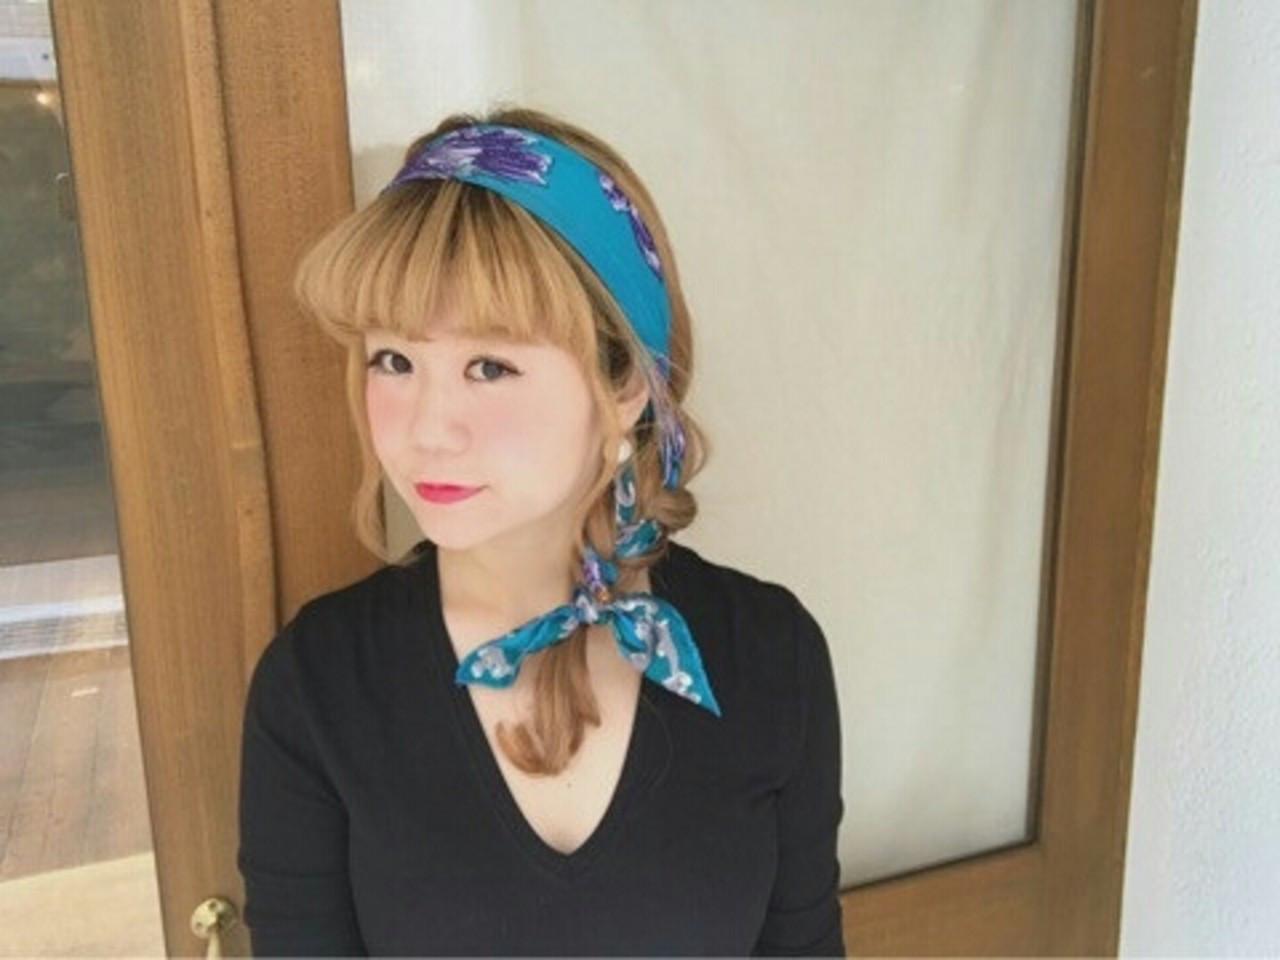 ヘアアレンジ ロング ヘアアクセ 大人女子 ヘアスタイルや髪型の写真・画像